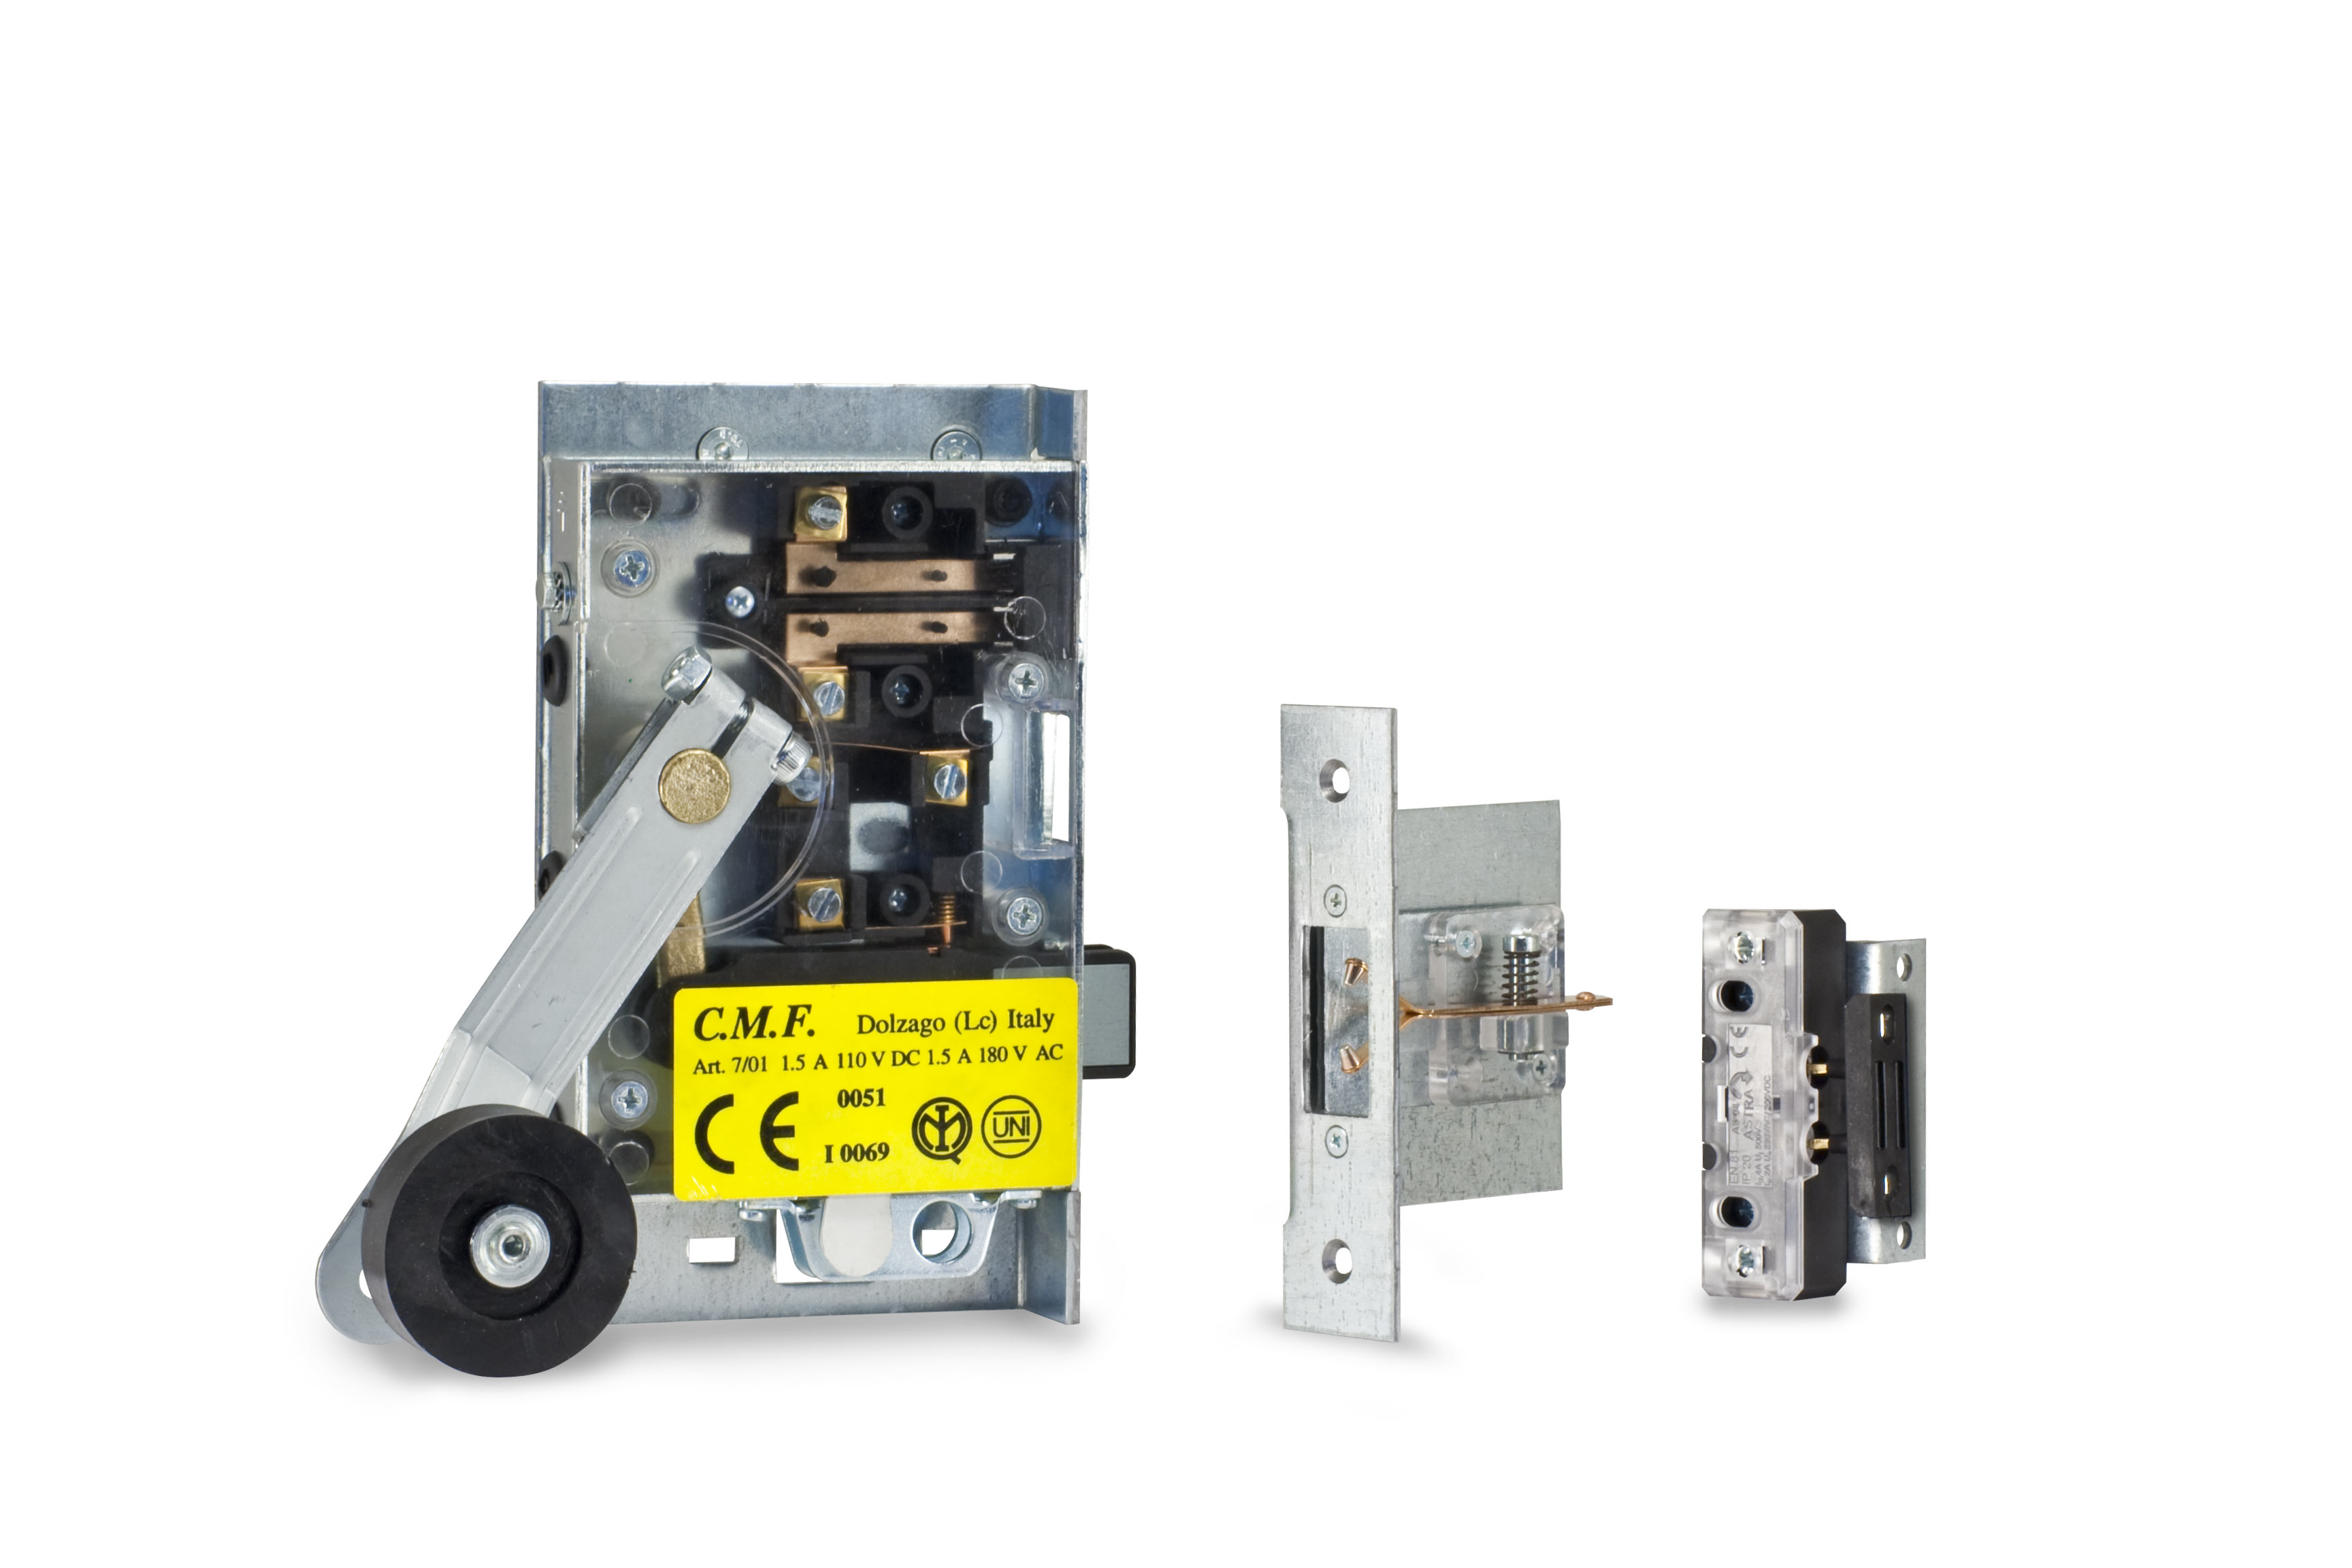 Kit sostituzione serrature BONFEDI semiautomatiche omologate